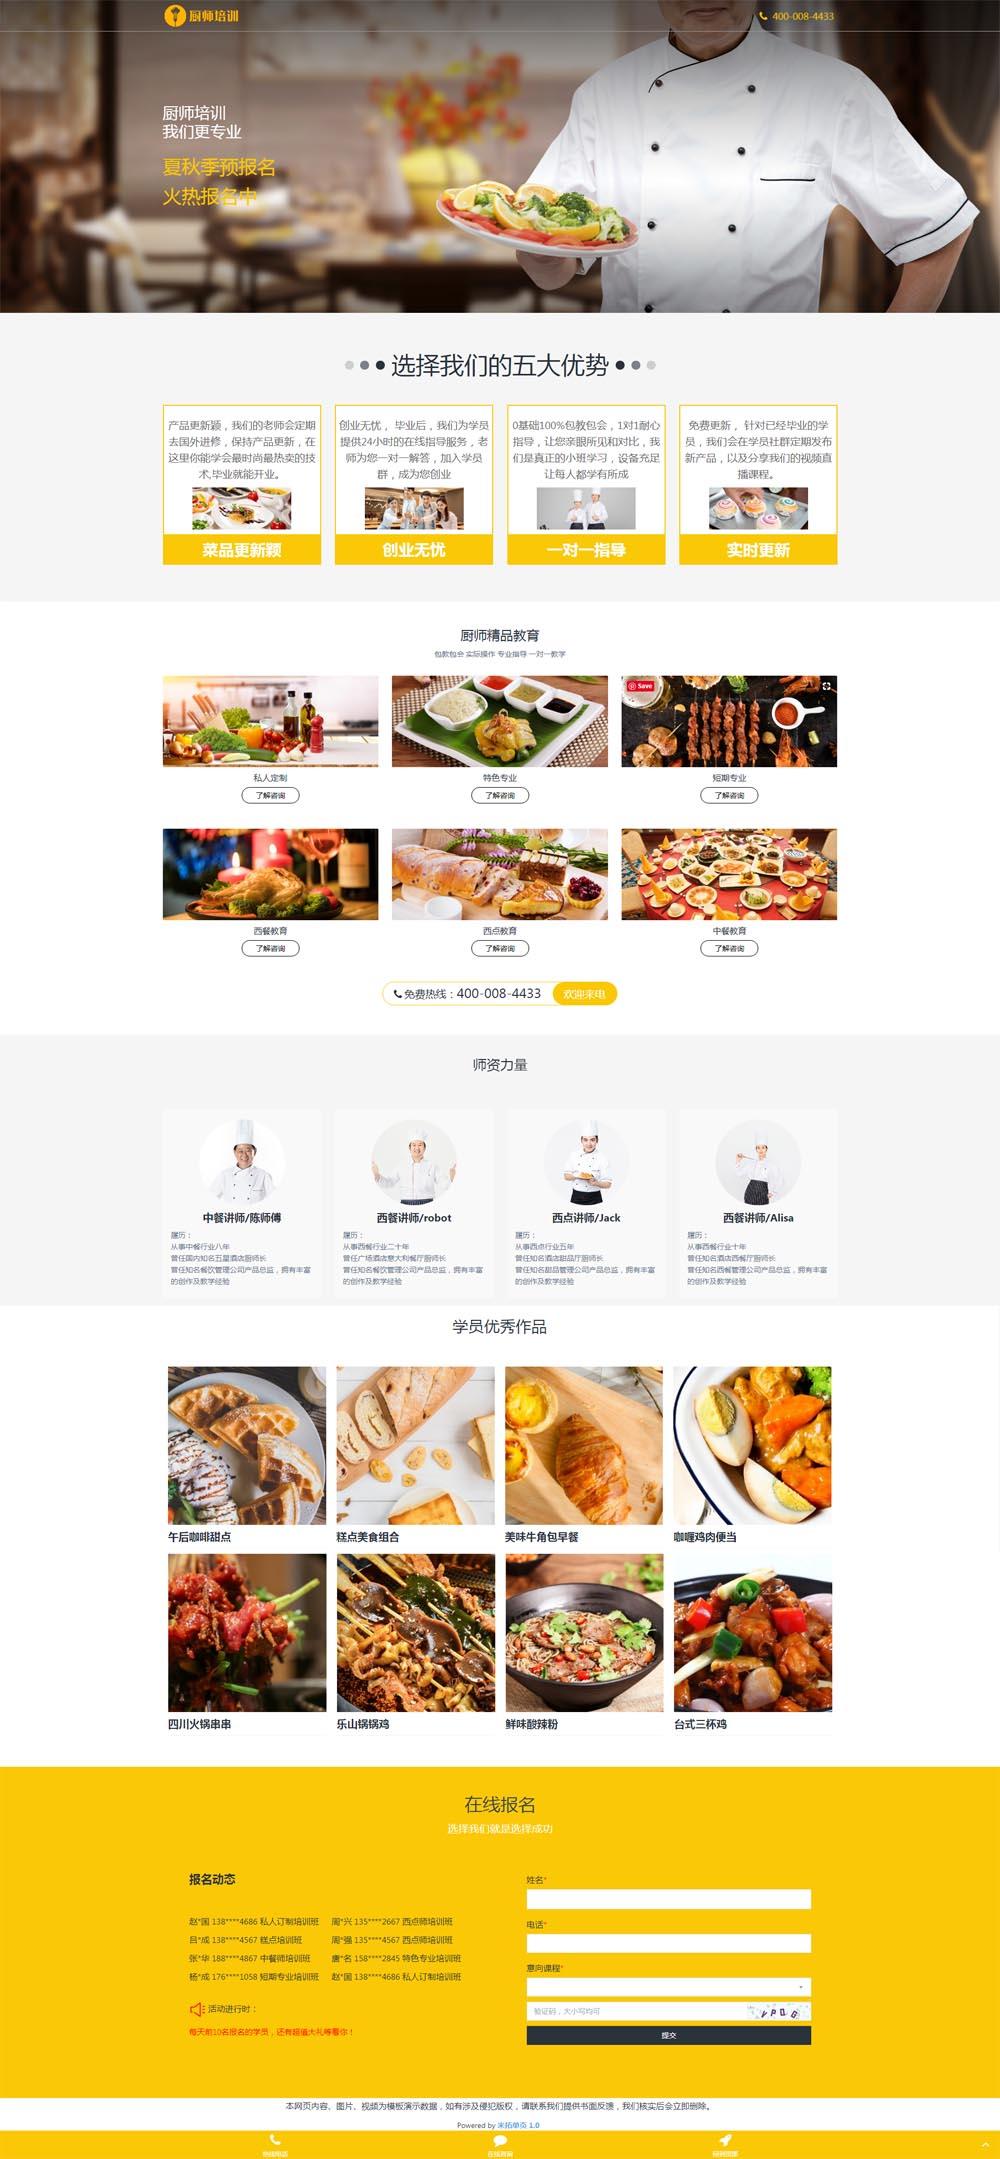 厨师培训落地页模板|广告页模板|宣传页模板|推广页|专题页设计制作